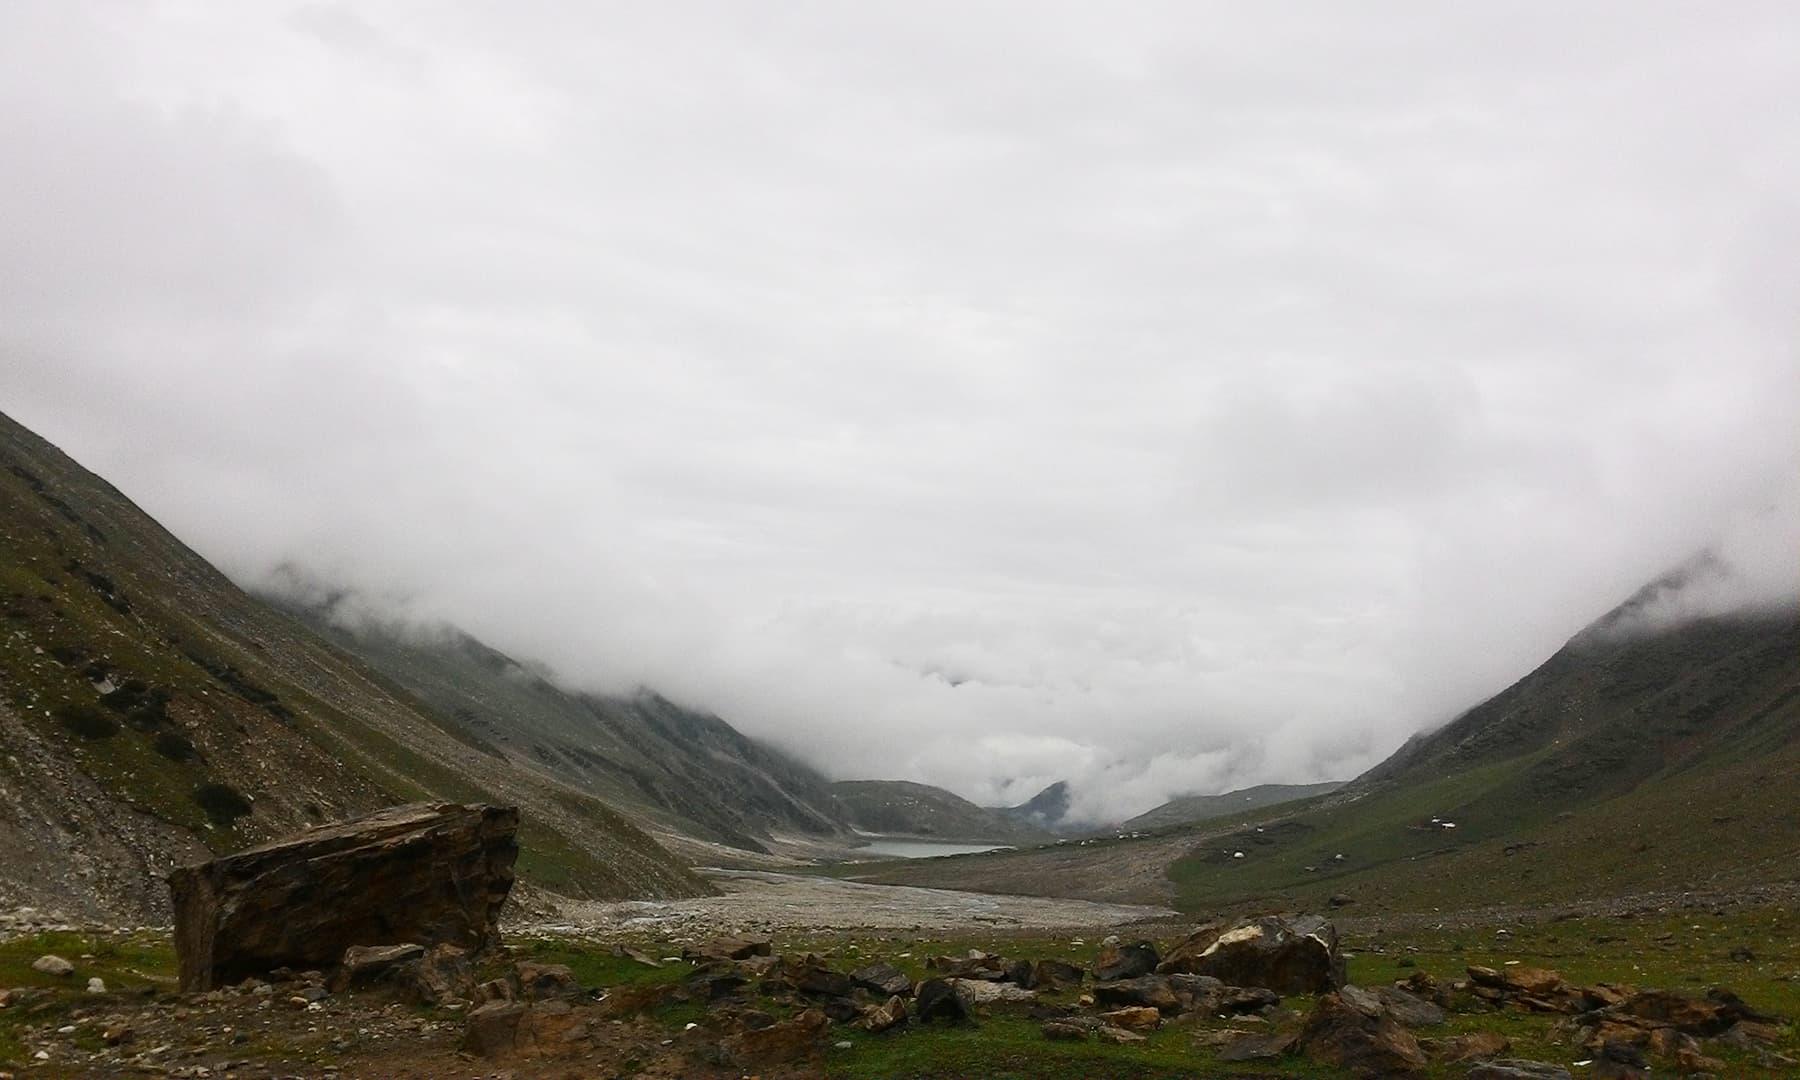 بادلوں سے ڈھکی مشہور سیف الملوک جھیل کا خوبصورت منظر — تصویر عظمت اکبر